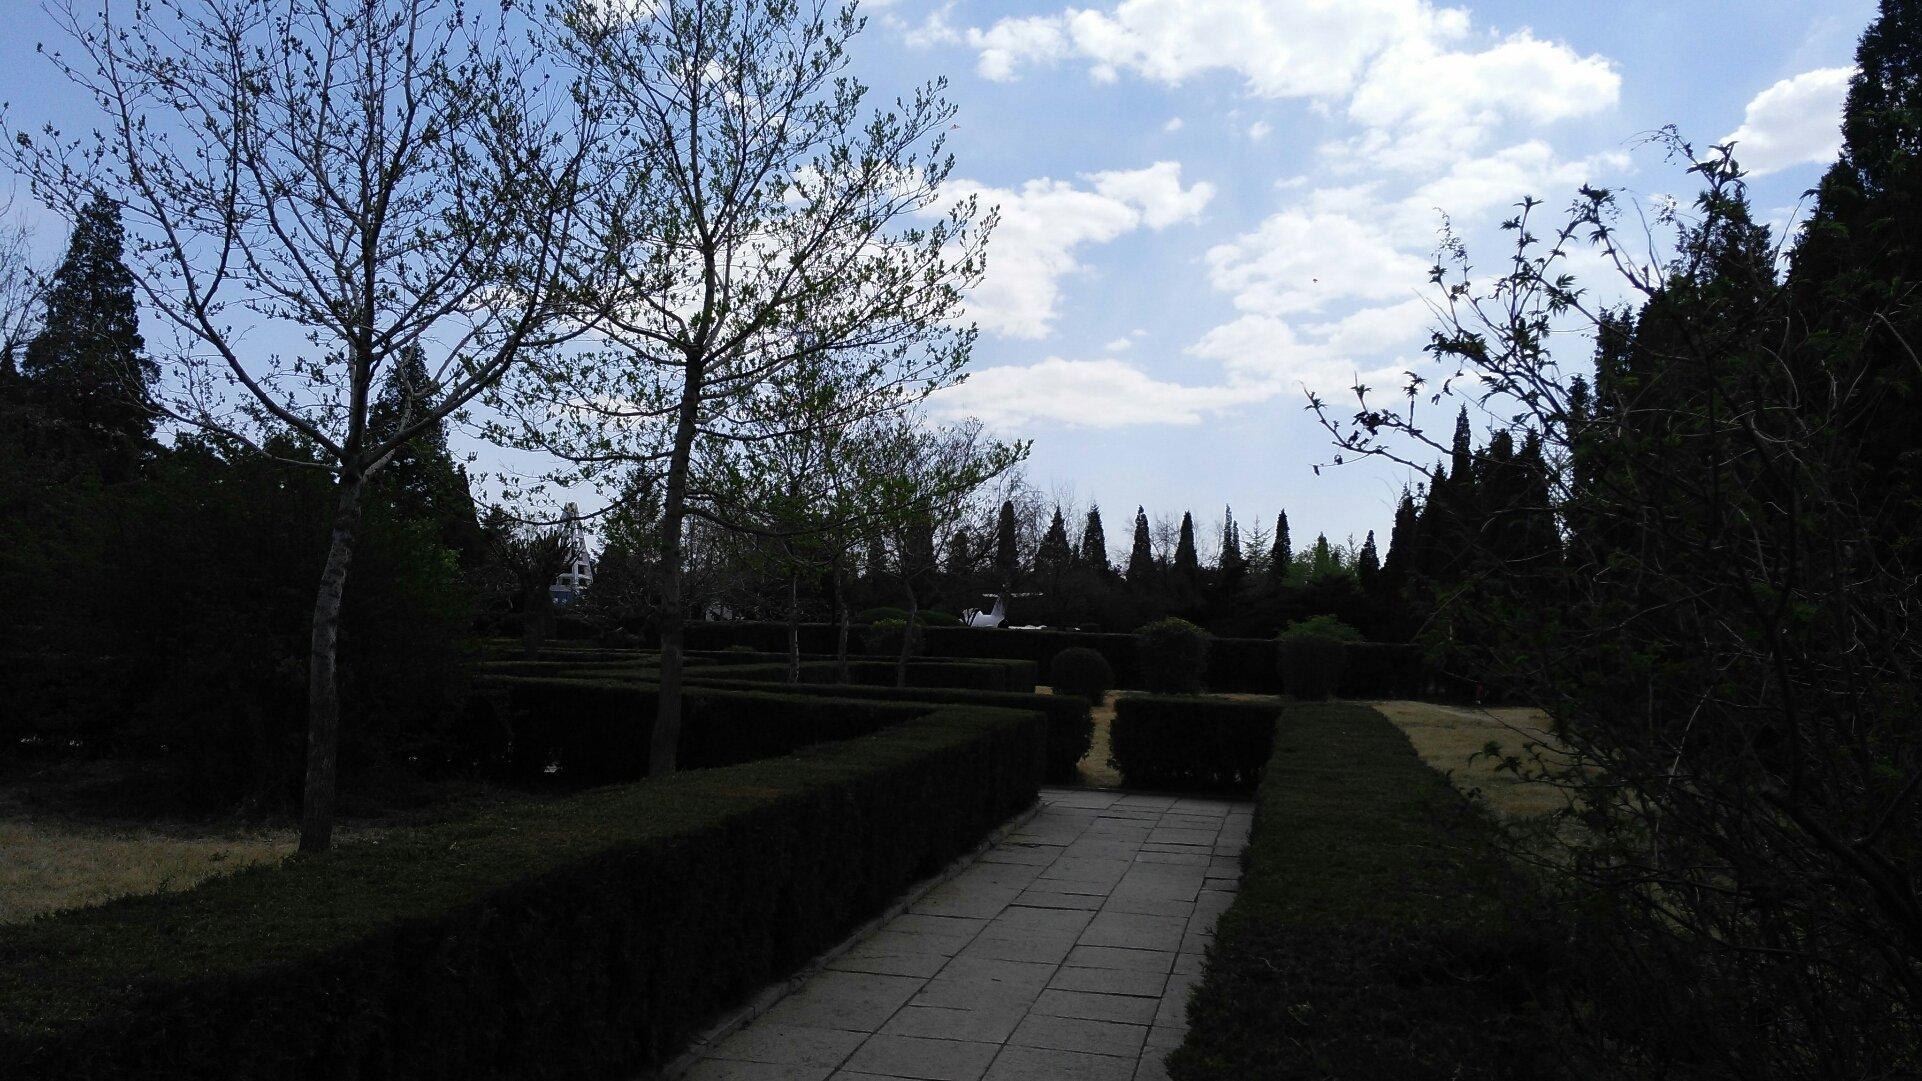 辽宁省锦州市凌河区北京路靠近盖伦教育天气预报